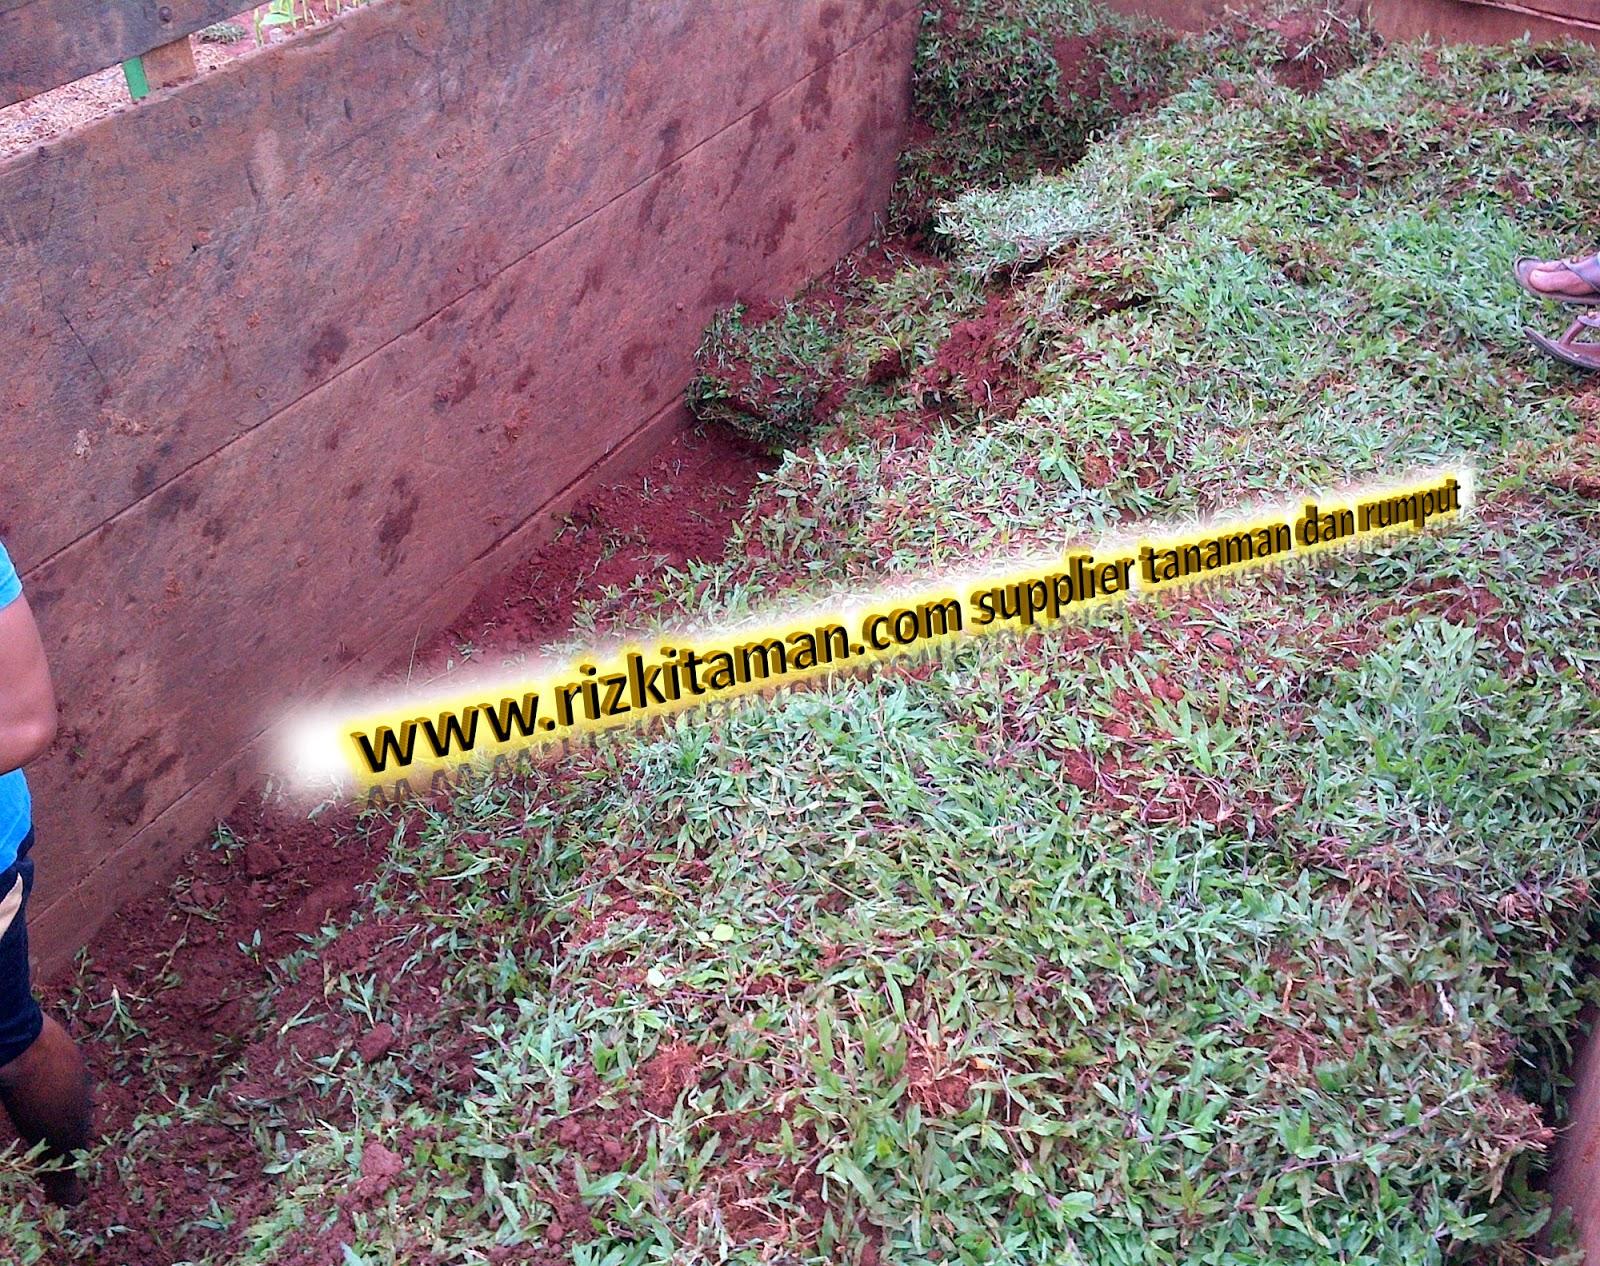 Jual rumput gajah | solusi pertamanan | suplier tanaman dan rumput